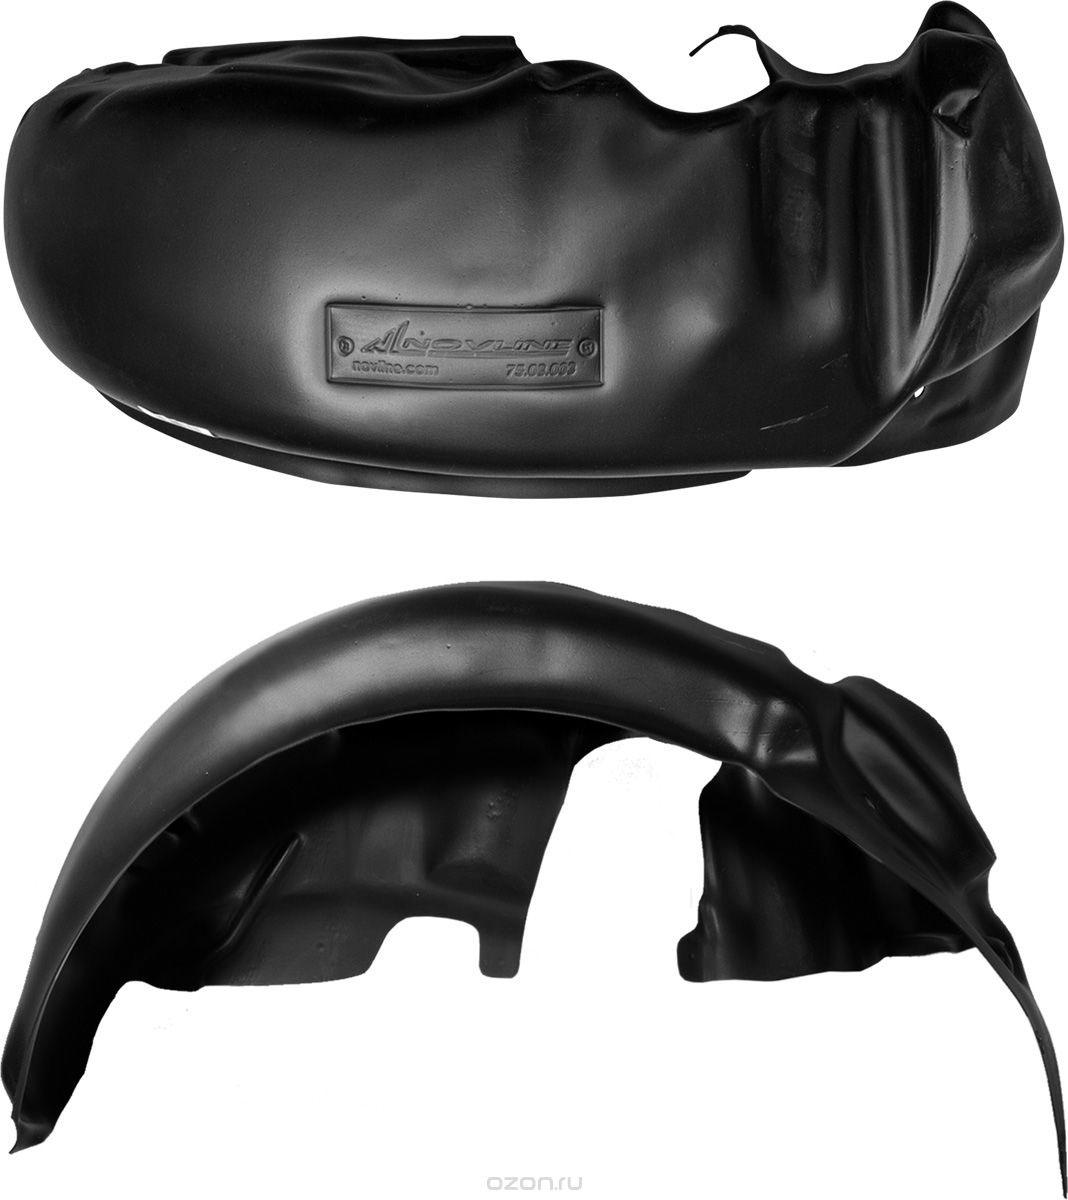 Подкрылок Novline-Autofamily, для Mercedes-Benz Sprinter Classic, 2013->, W905 односкатный, задний правыйNLL.34.02.004Идеальная защита колесной ниши. Локеры разработаны с применением цифровых технологий, гарантируют максимальную повторяемость поверхности арки. Изделия устанавливаются без нарушения лакокрасочного покрытия автомобиля, каждый подкрылок комплектуется крепежом. Уважаемые клиенты, обращаем ваше внимание, что фотографии на подкрылки универсальные и не отражают реальную форму изделия. При этом само изделие идет точно под размер указанного автомобиля.